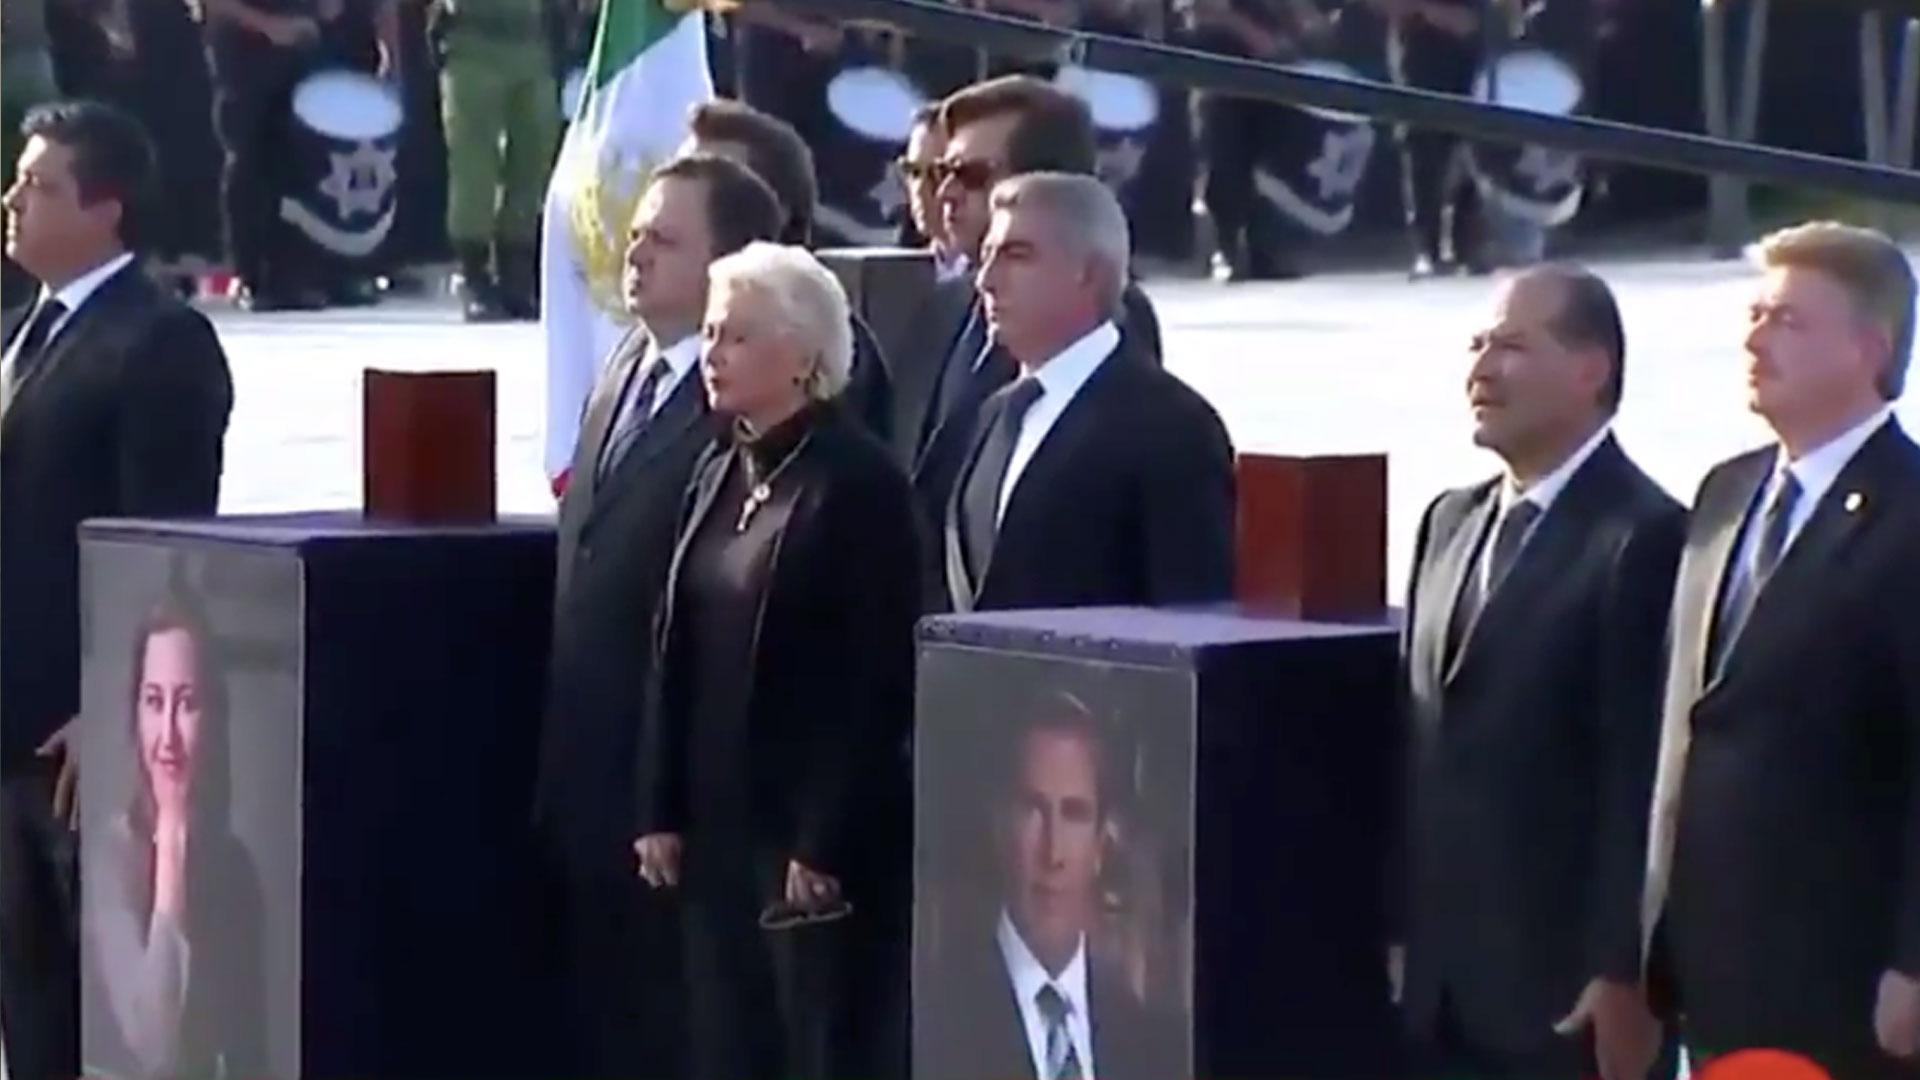 La secretaria de Gobernación, Olga Sánchez Cordero, durante el homenaje a la gobernadora de Puebla, su esposo y las otras tres víctimas del accidente. (Foto: Captura Forotv, Televisa)